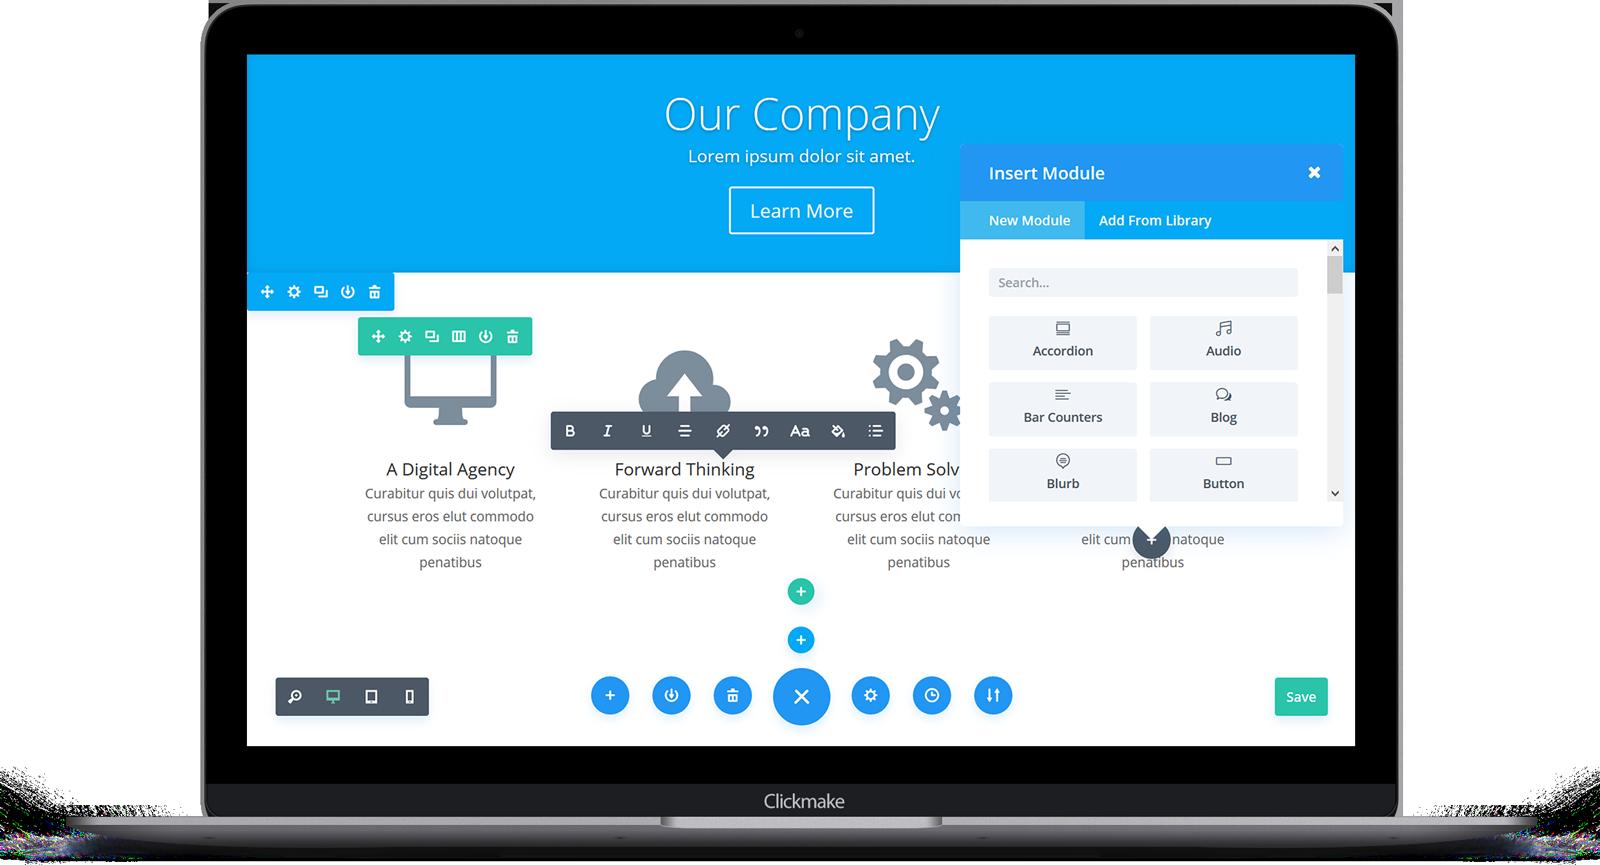 Clickmake Responsive Website Builder